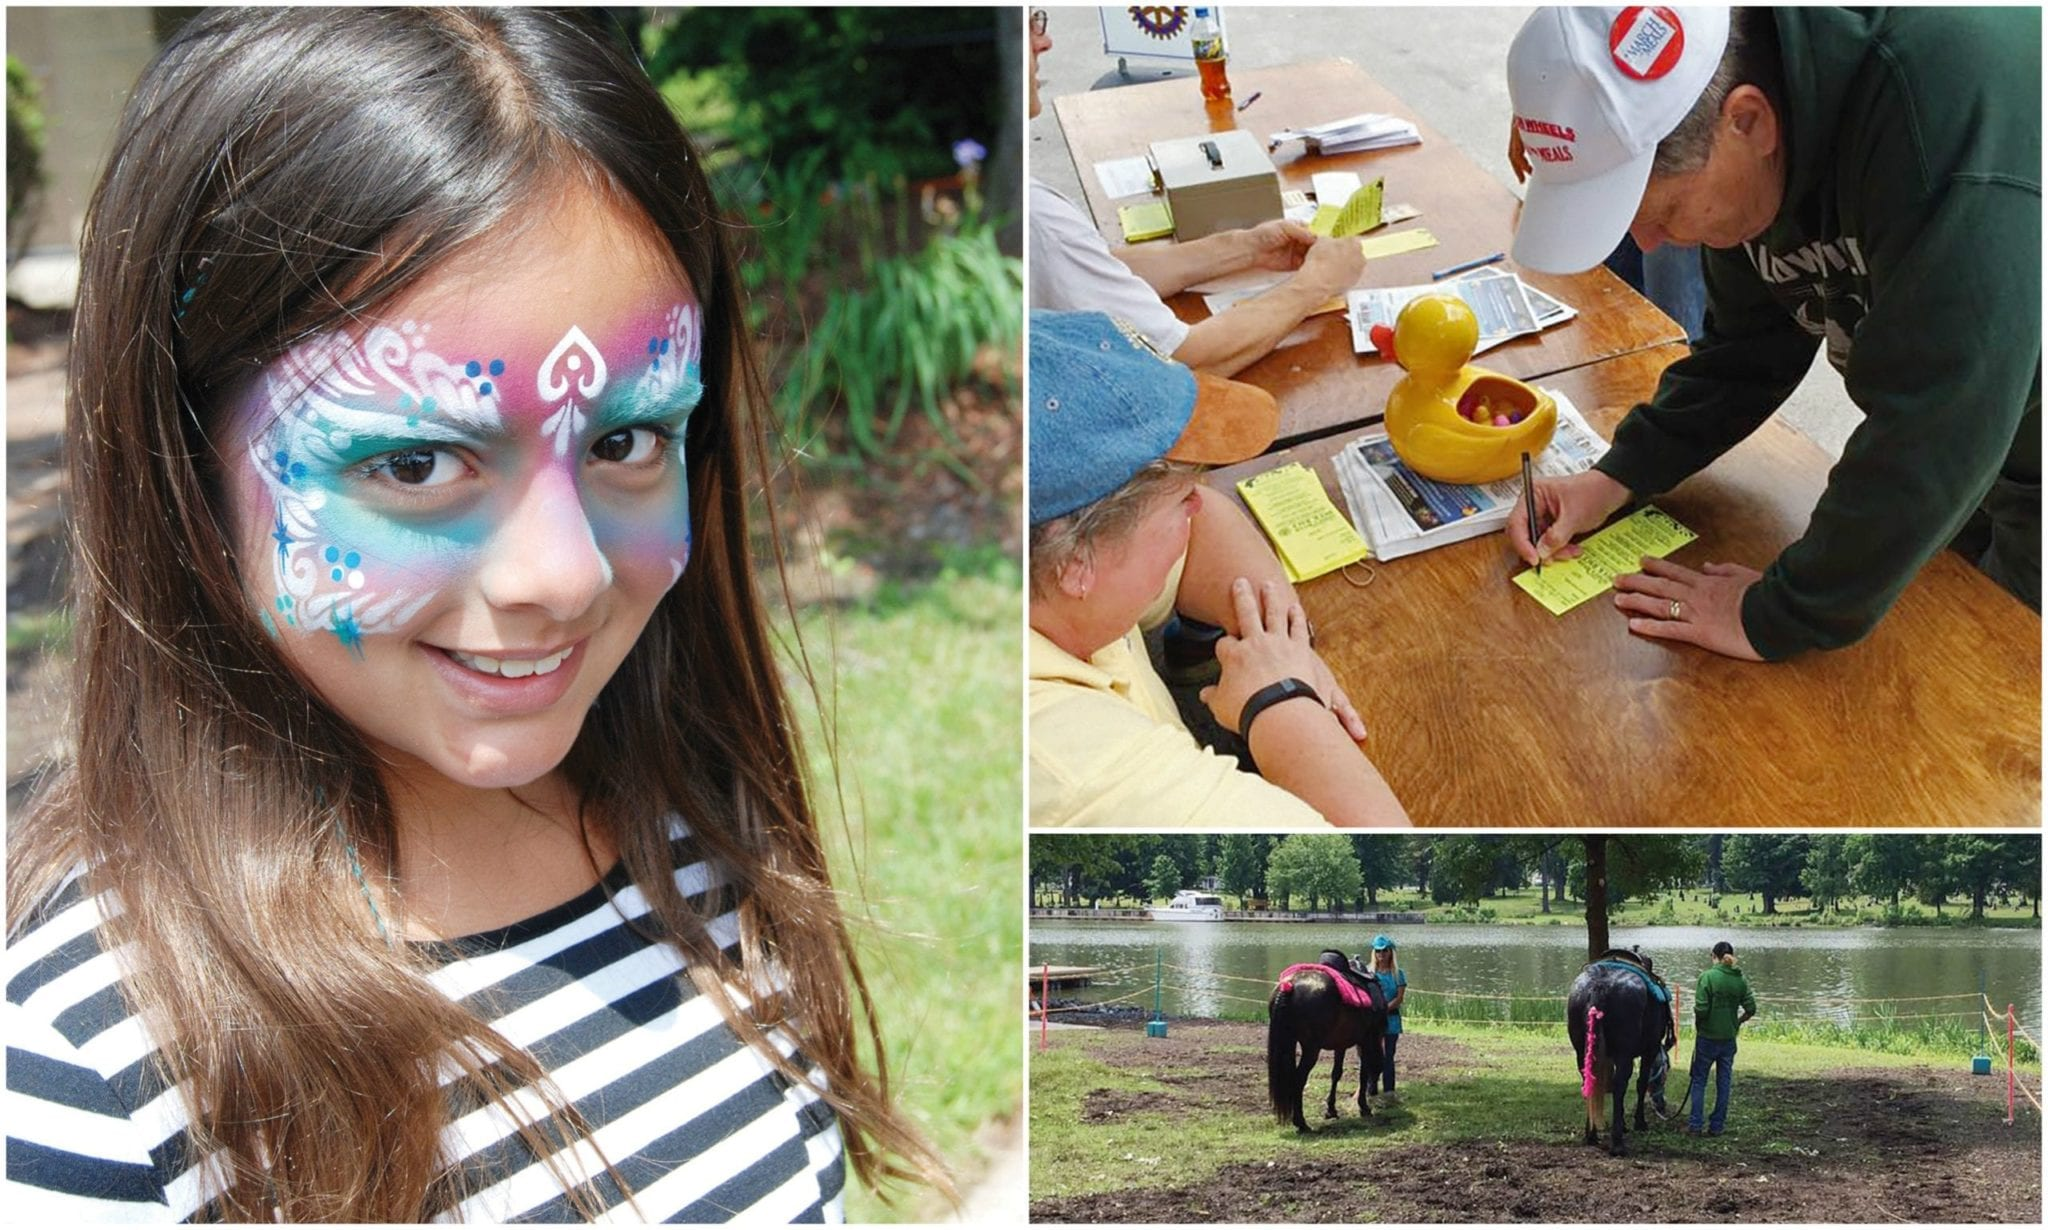 Seneca River Days to be held June 14-15